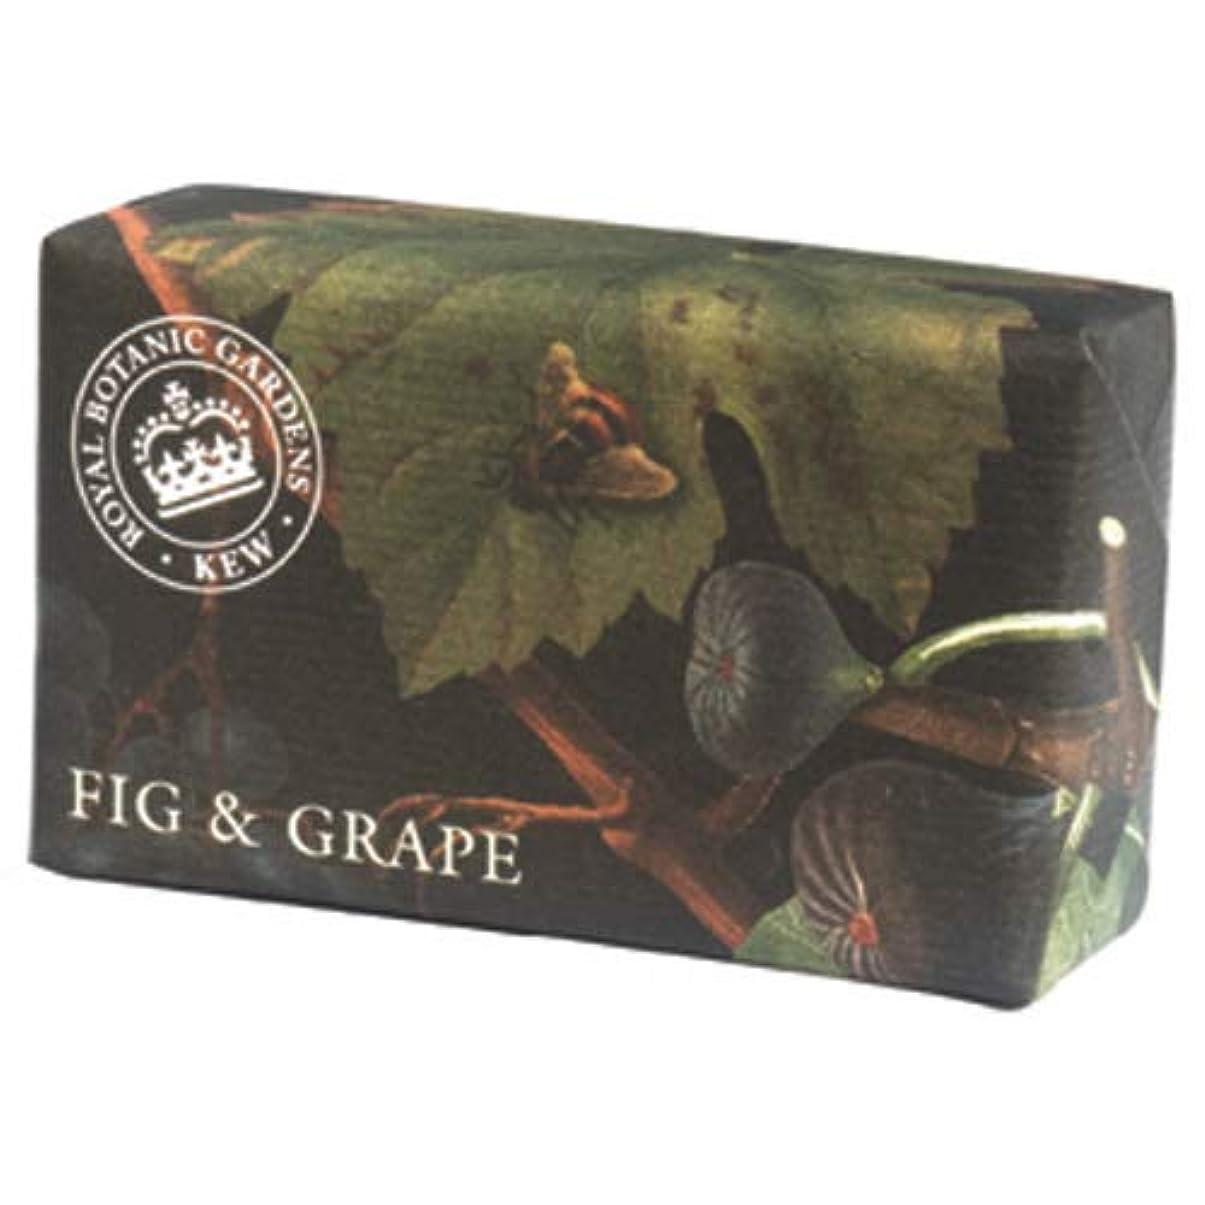 肺炎日焼け物質English Soap Company イングリッシュソープカンパニー KEW GARDEN キュー?ガーデン Luxury Shea Soaps シアソープ Fig & Grape フィグ&グレープ